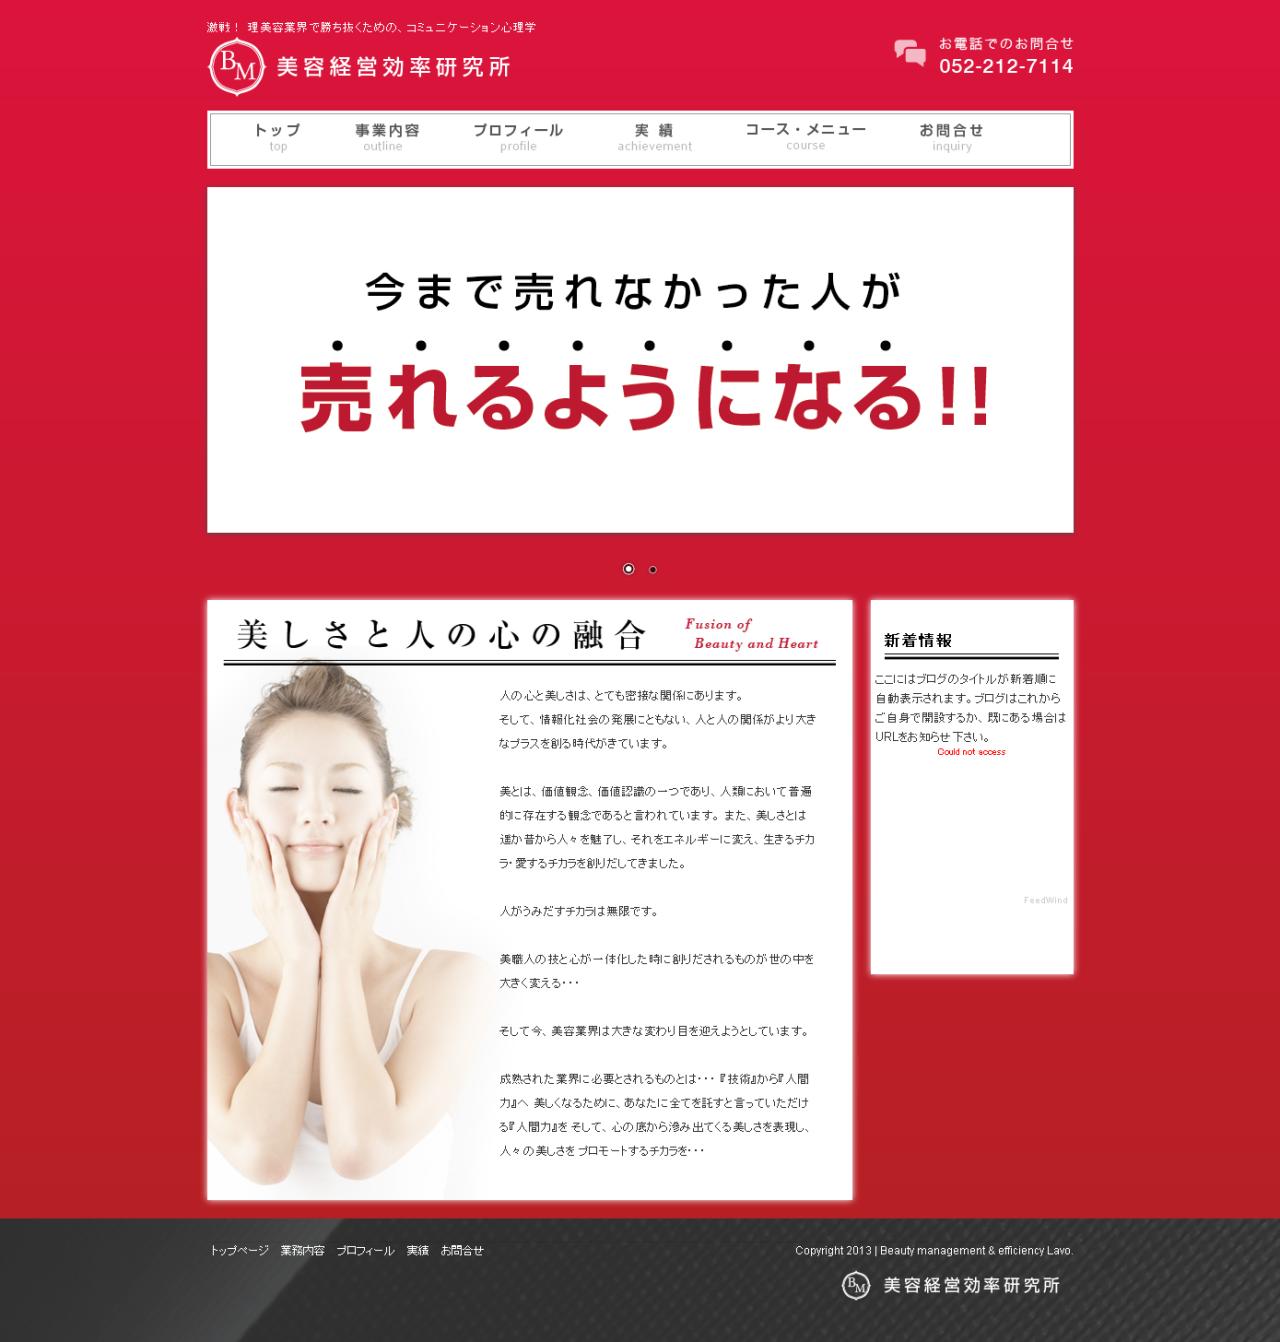 美容室・エステ・ネイリスト 美容業パーソナルレッスンのホームページ